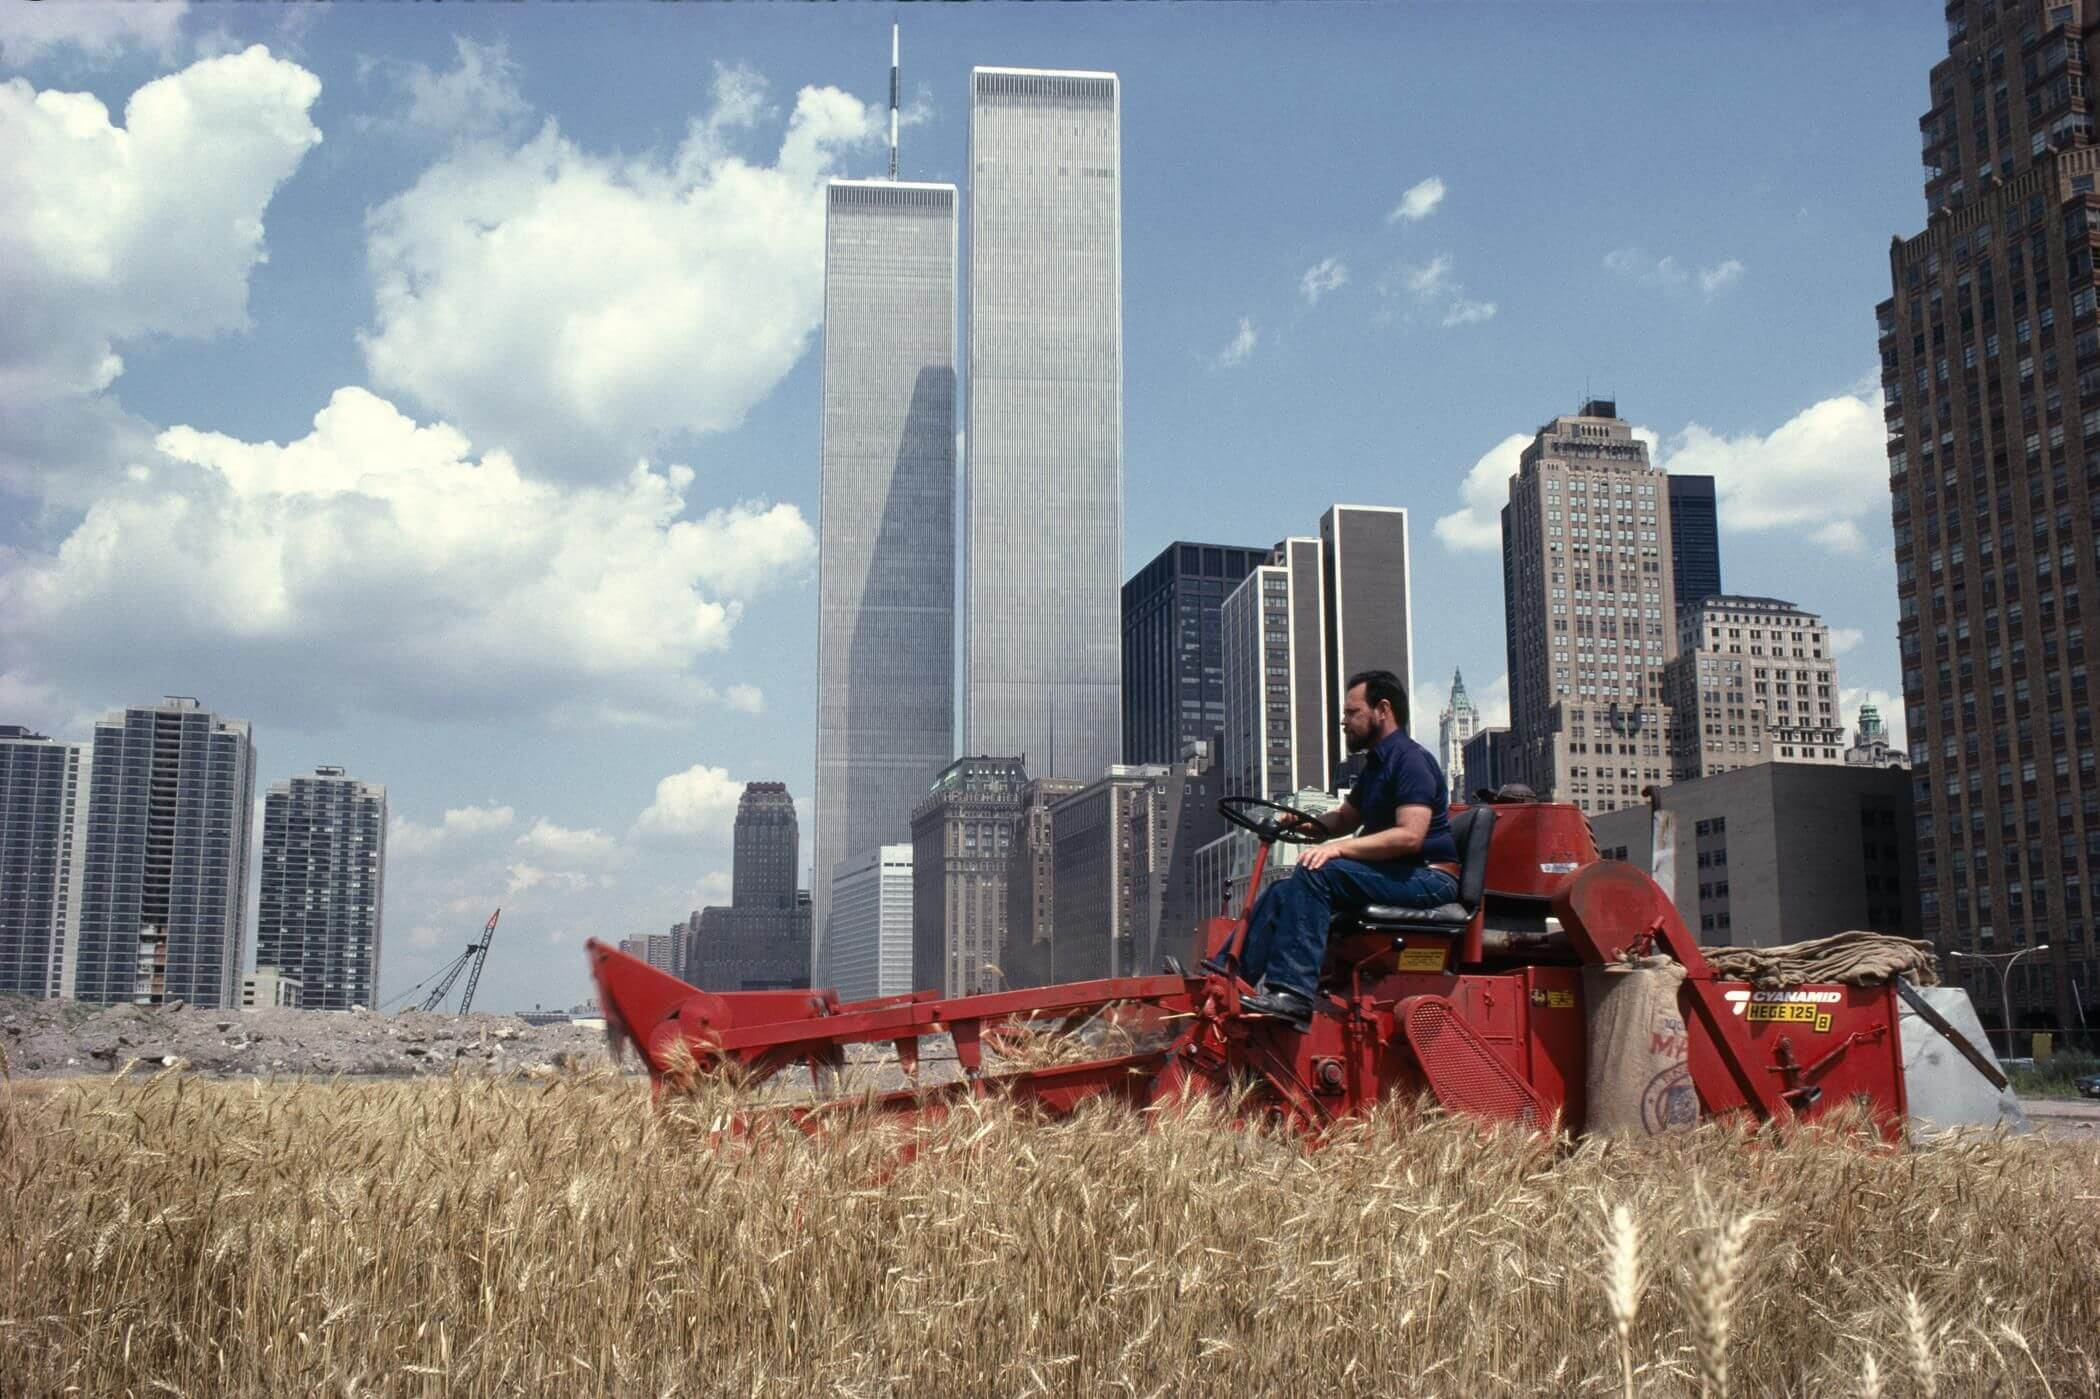 Пшеница в центре Манхэттена